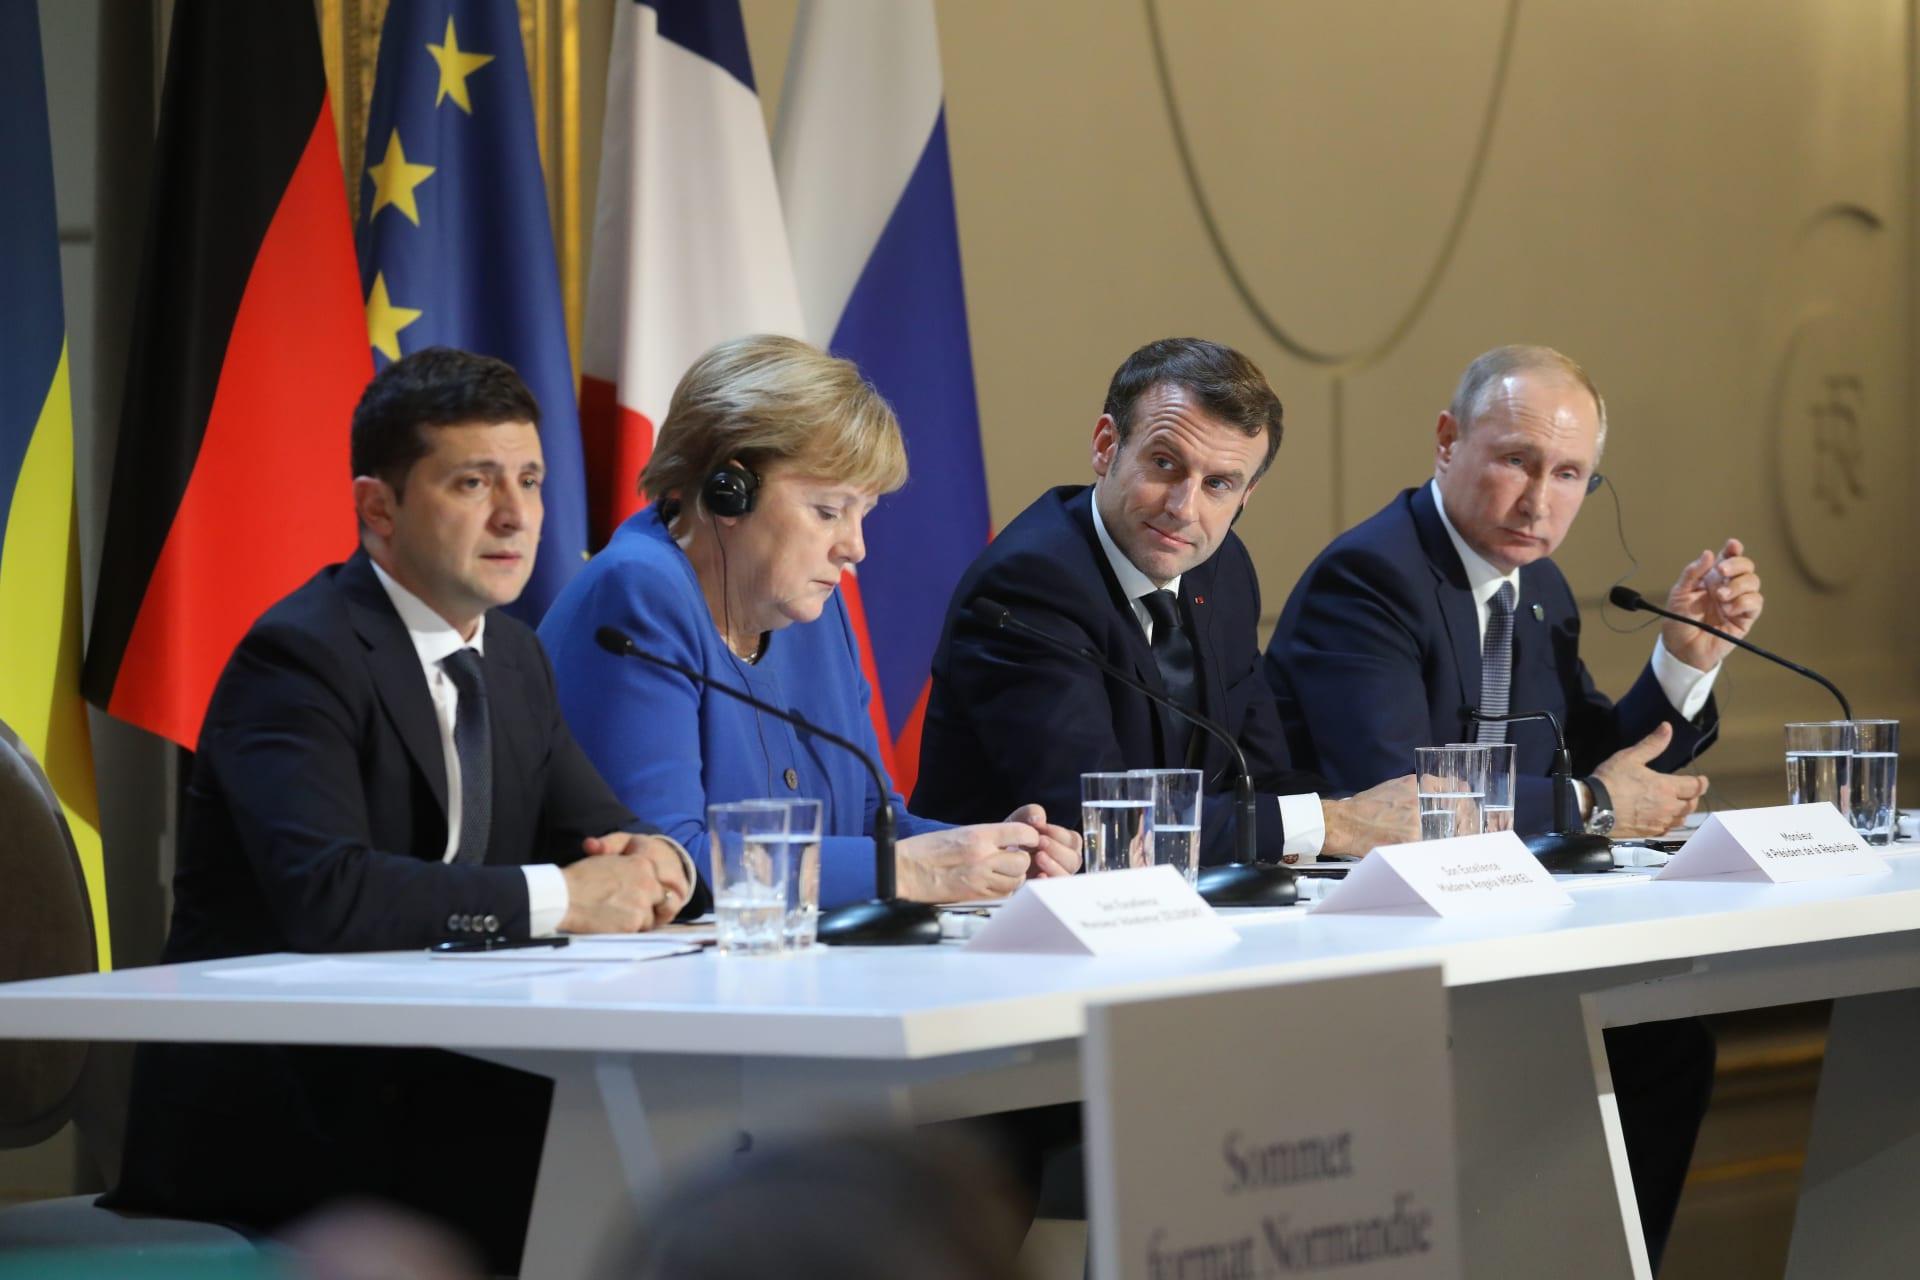 قمة رباعية بين قادة روسيا وفرنسا وألمانيا وأوكرانيا لمناقشة الأزمة في شرق أوكرانيا